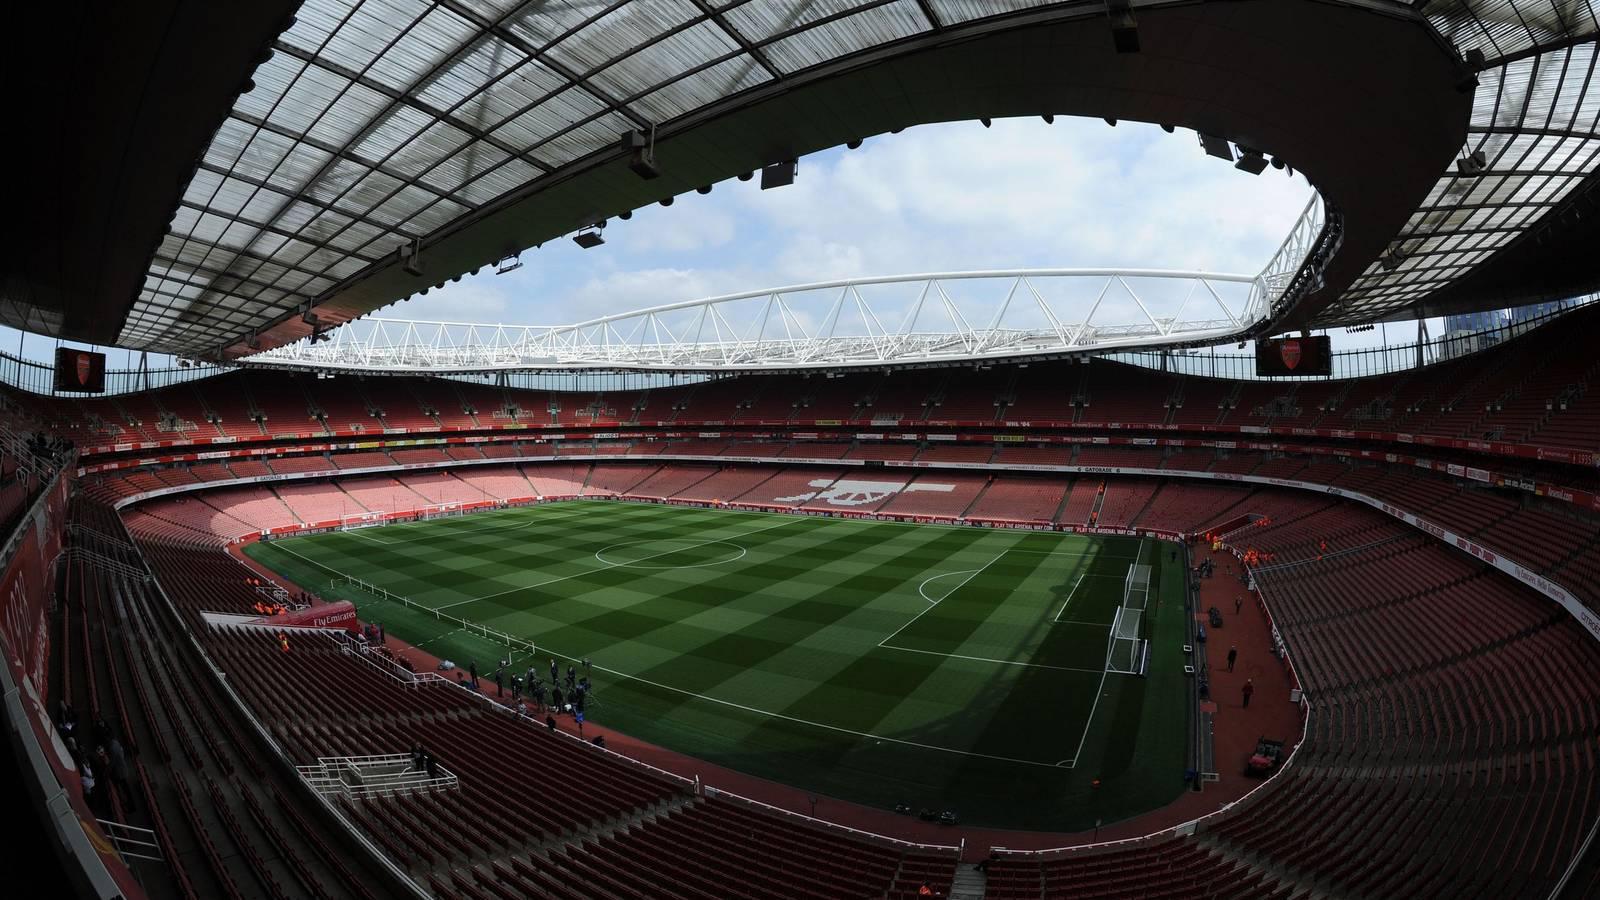 Arsenal Stadının adı ne? Arsenal Stadı nerede, kapasitesi ne